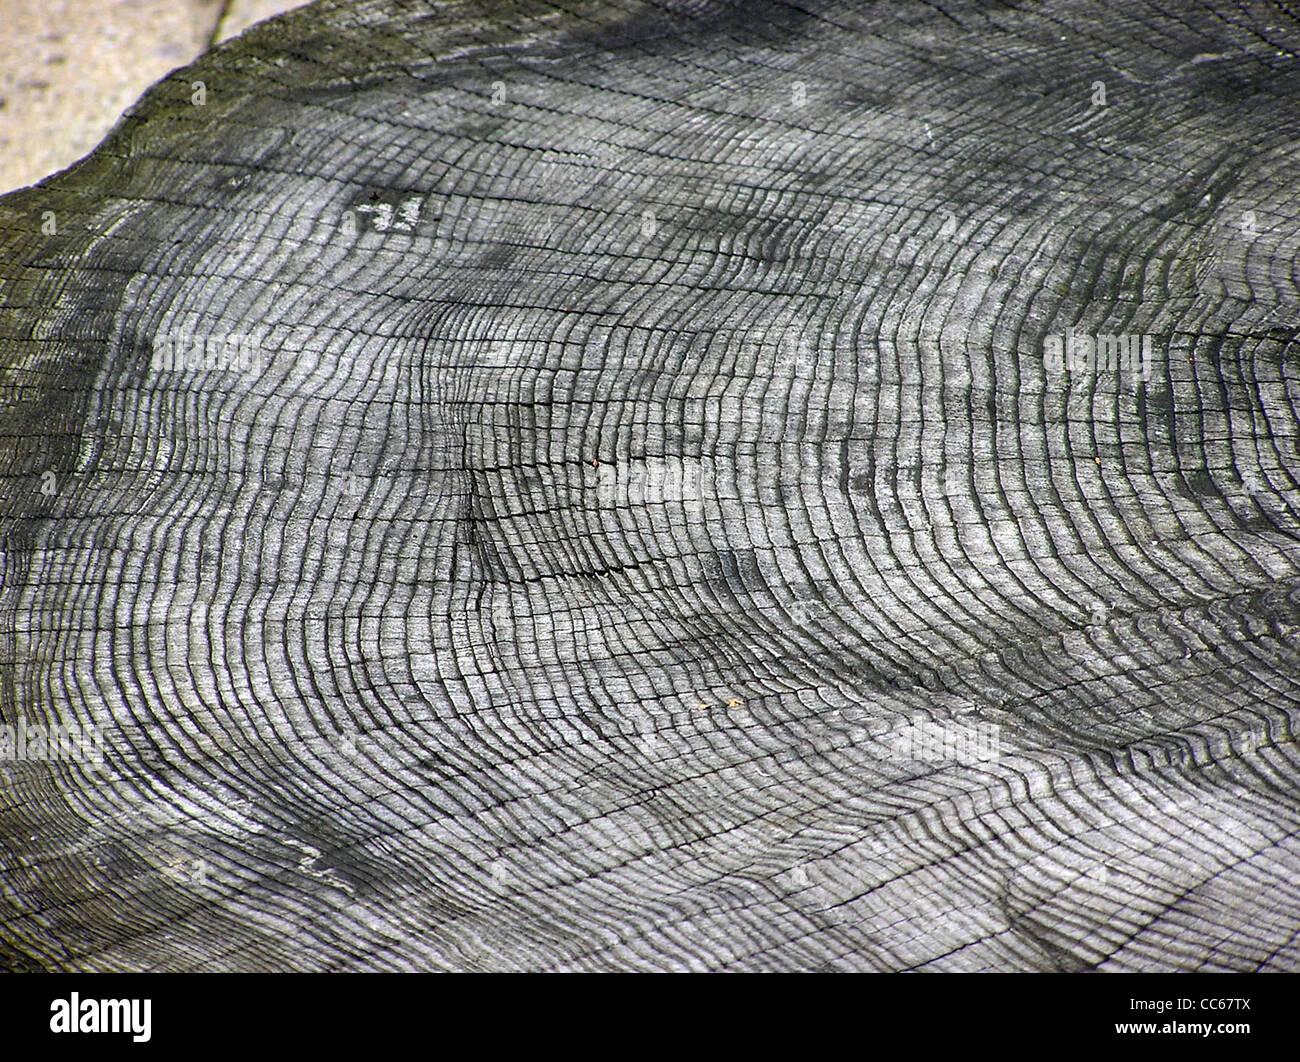 Die Jahresringe eines unbekannten Baumarten im Bristol Zoo, Bristol, England. Stockbild